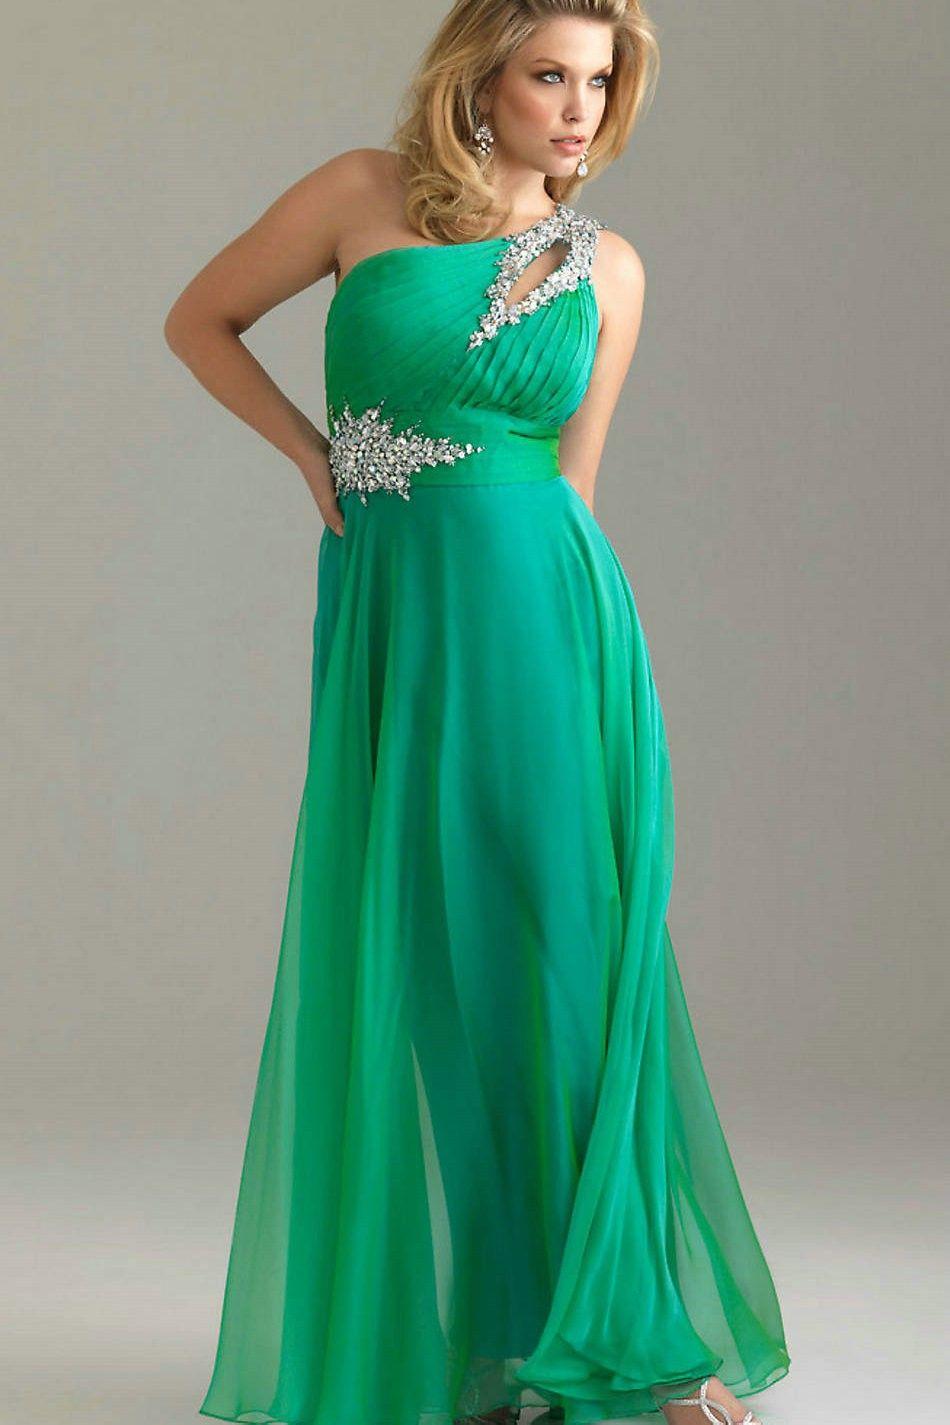 deluxe-plus-size-wedding-guest-dresses | Bridesmaid Dresses ...